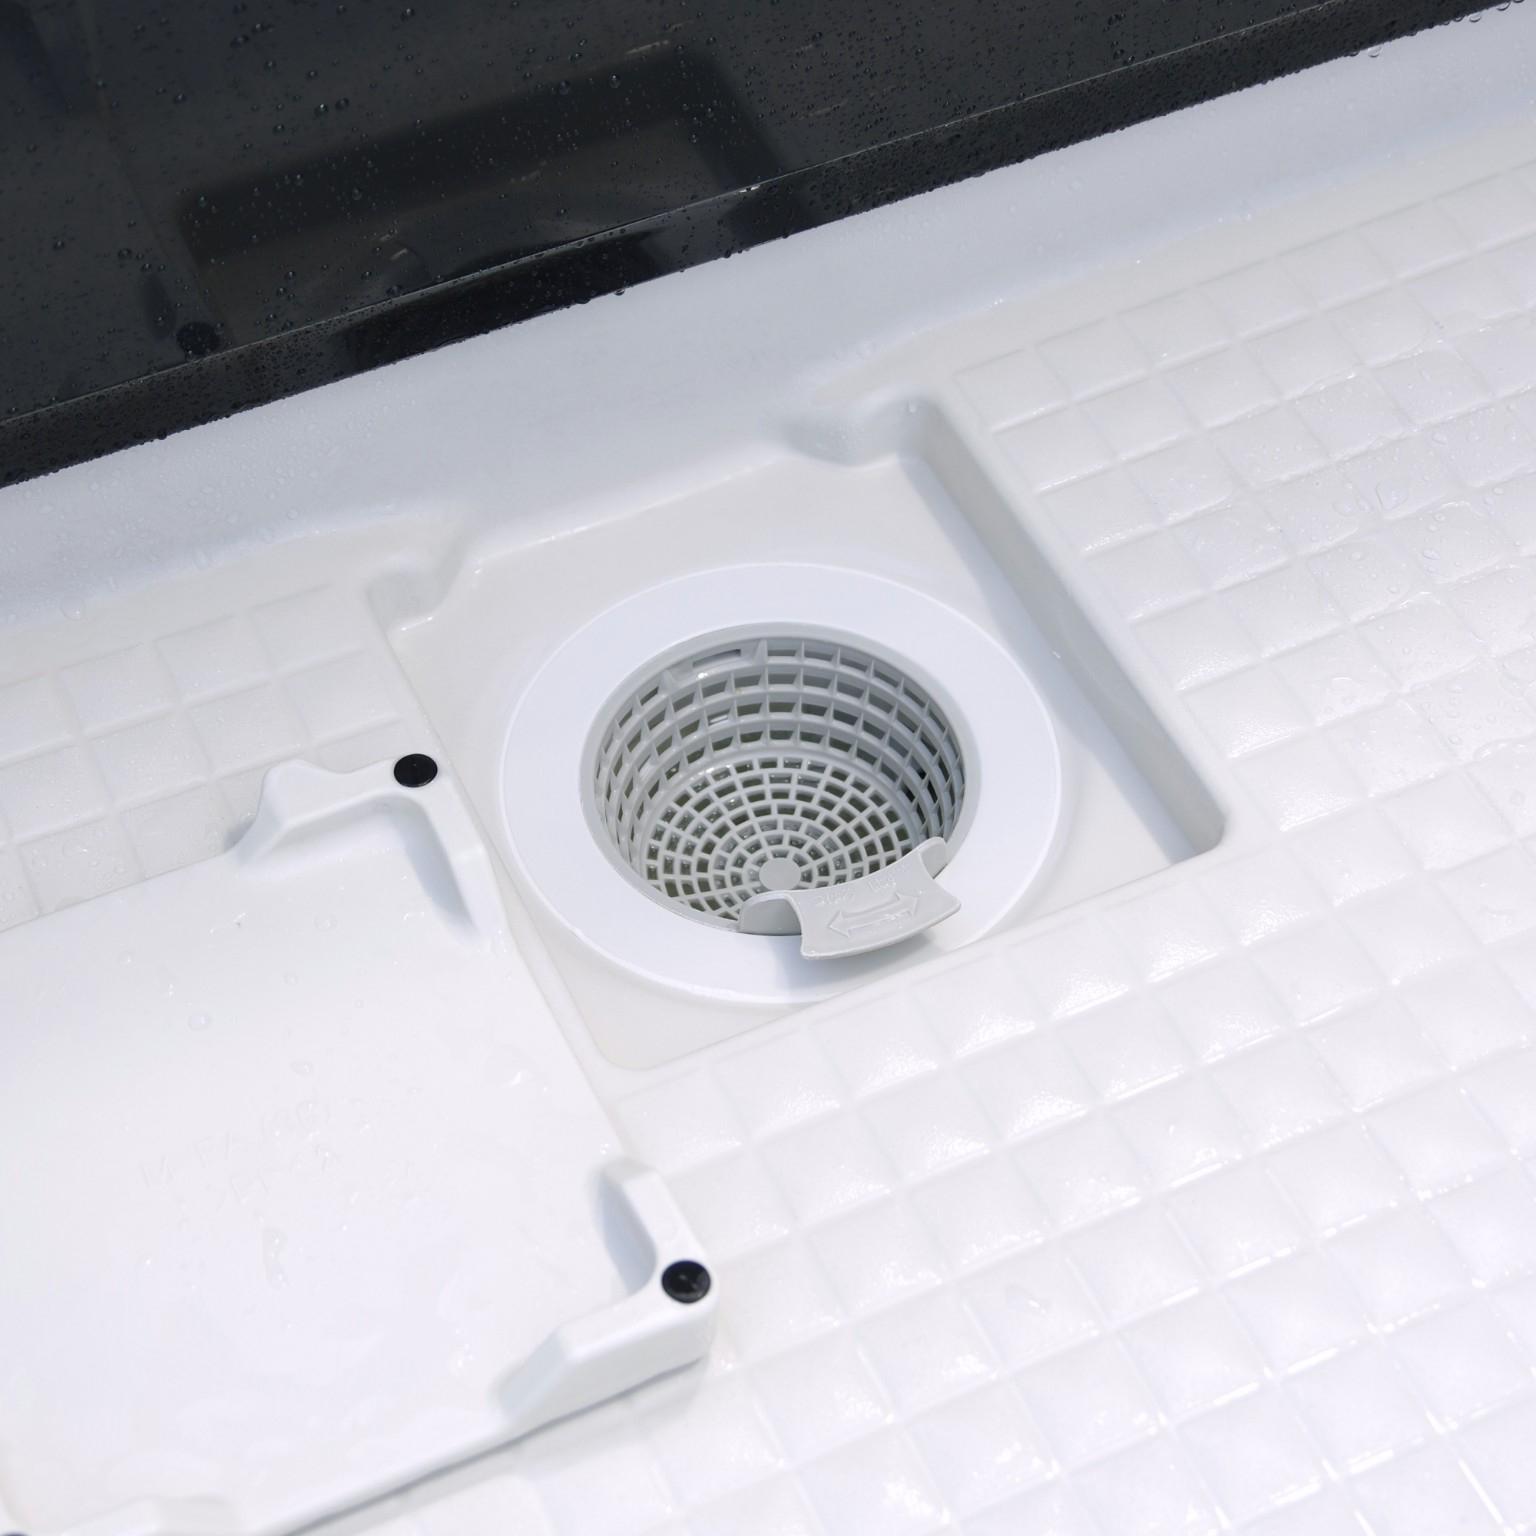 バス/トイレ/バスルーム/除菌/お風呂掃除/排水口スッキリ...などのインテリア実例 - 2021-04-22 22:45:20